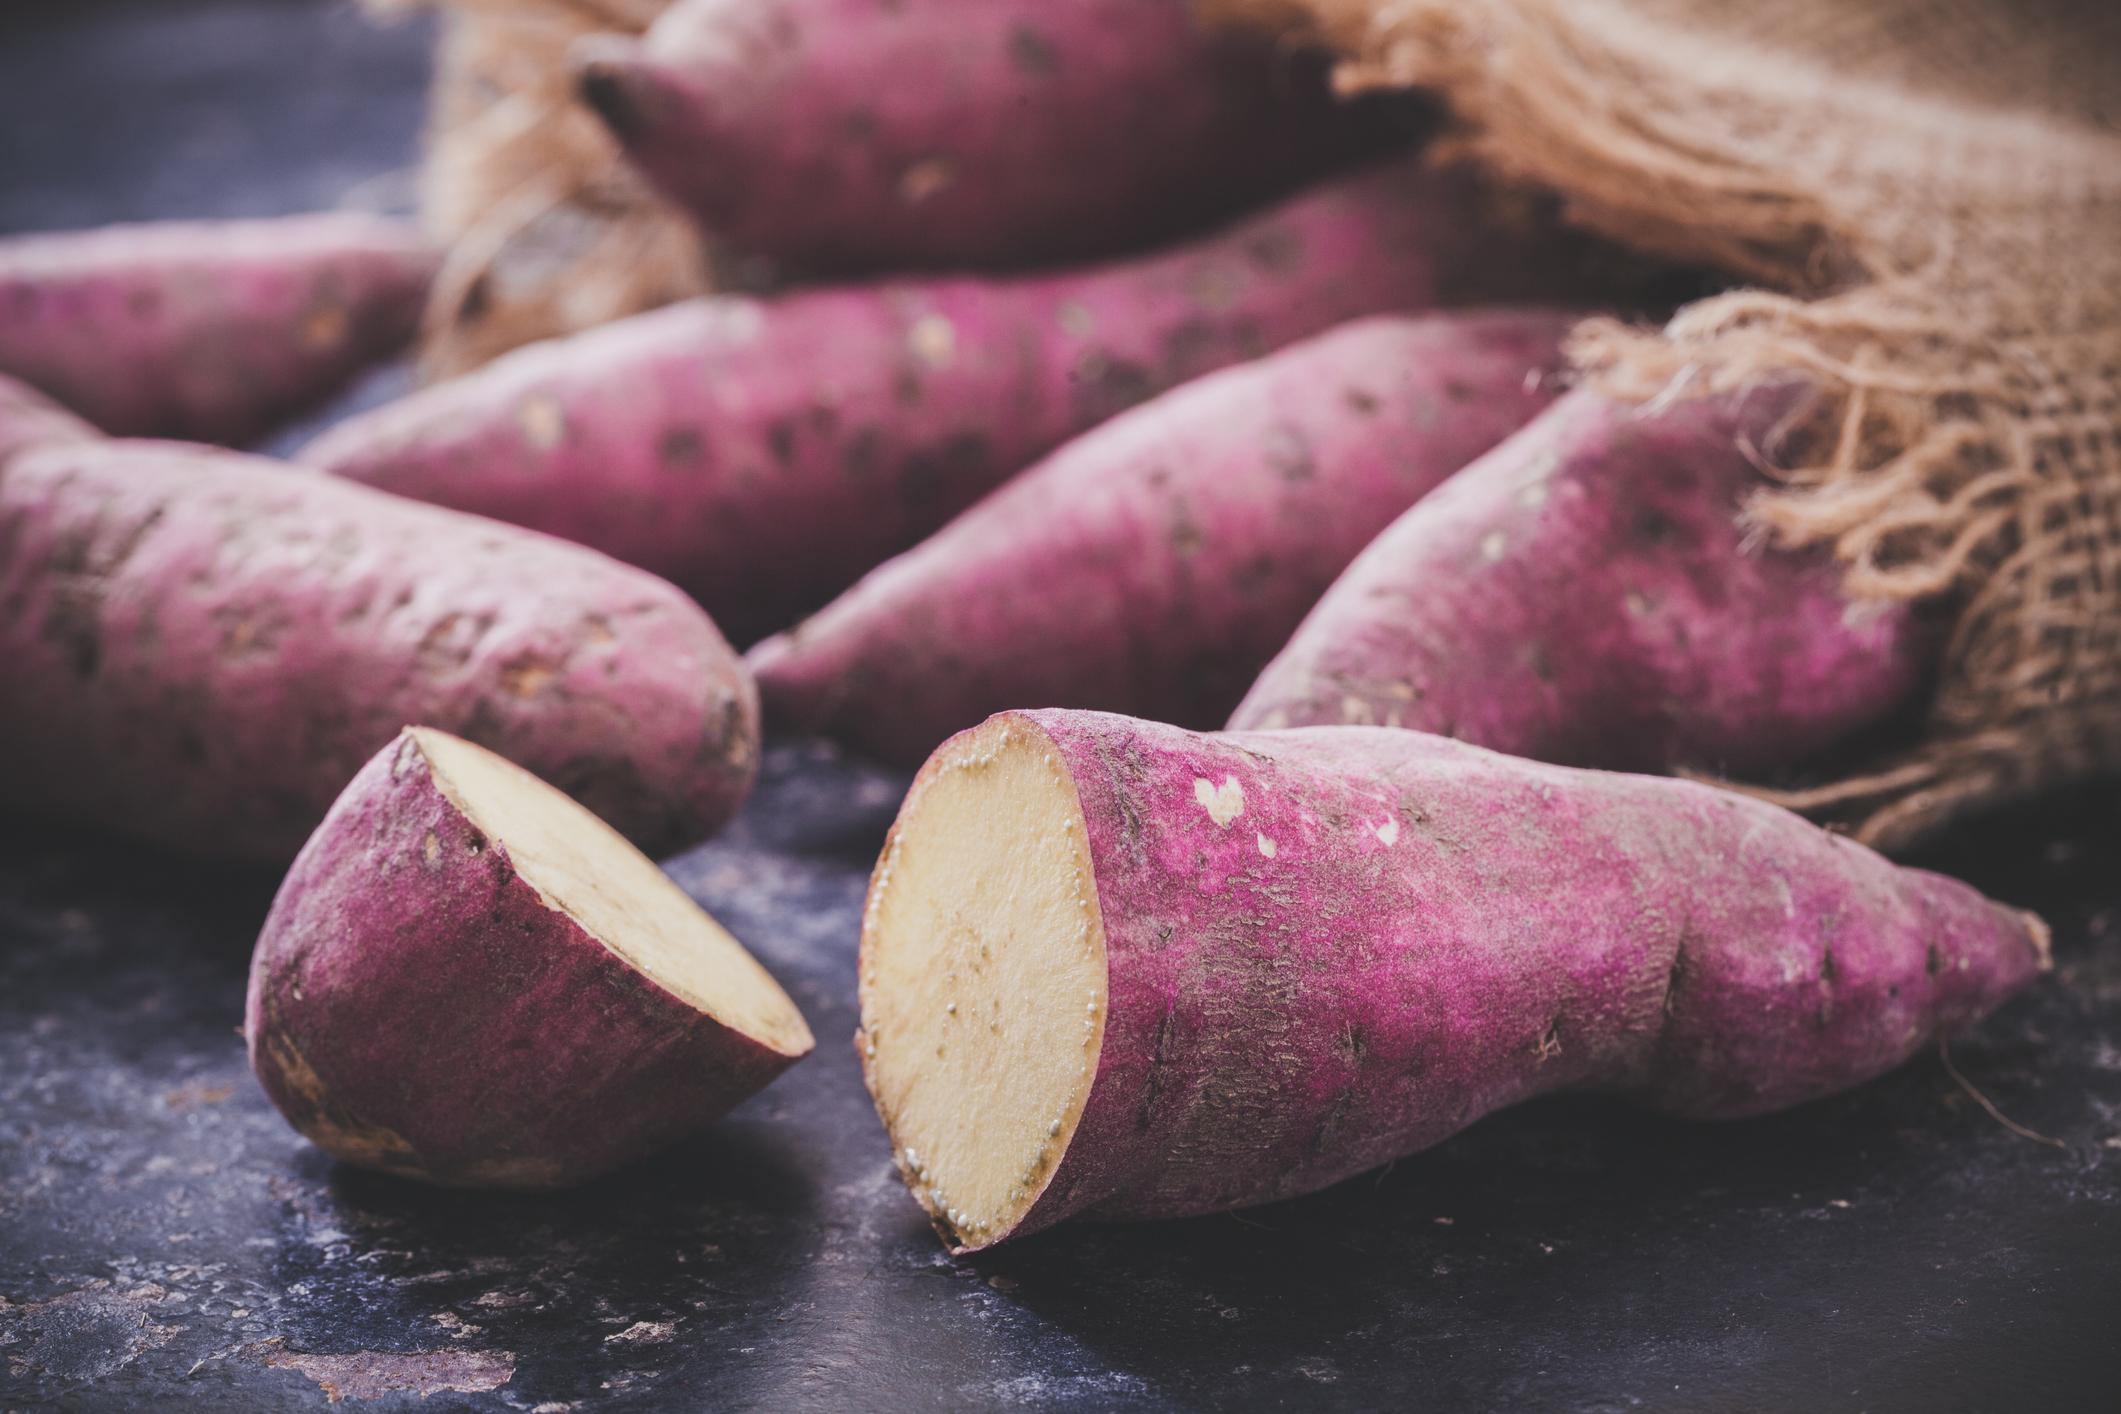 2. Patate douce pourpre - On entend toujours parler de la patate douce de couleur orangée, mais connaissiez-vous la patate douce pourpre? Celle-ci est cultivée dans les pays tropicaux puisqu'elle a besoin de chaleur pour croître. Elle est un peu plus sucrée et moins farineuse en texture que sa comparse orange. La patate douce mauve est aussi très parfumée. Ce légume est souvent utilisé dans les desserts, mais on le retrouve aussi dans les salades, en houmous ou servie en tartine avec un œuf poché! Ne tardez pas à découvrir cette variante!